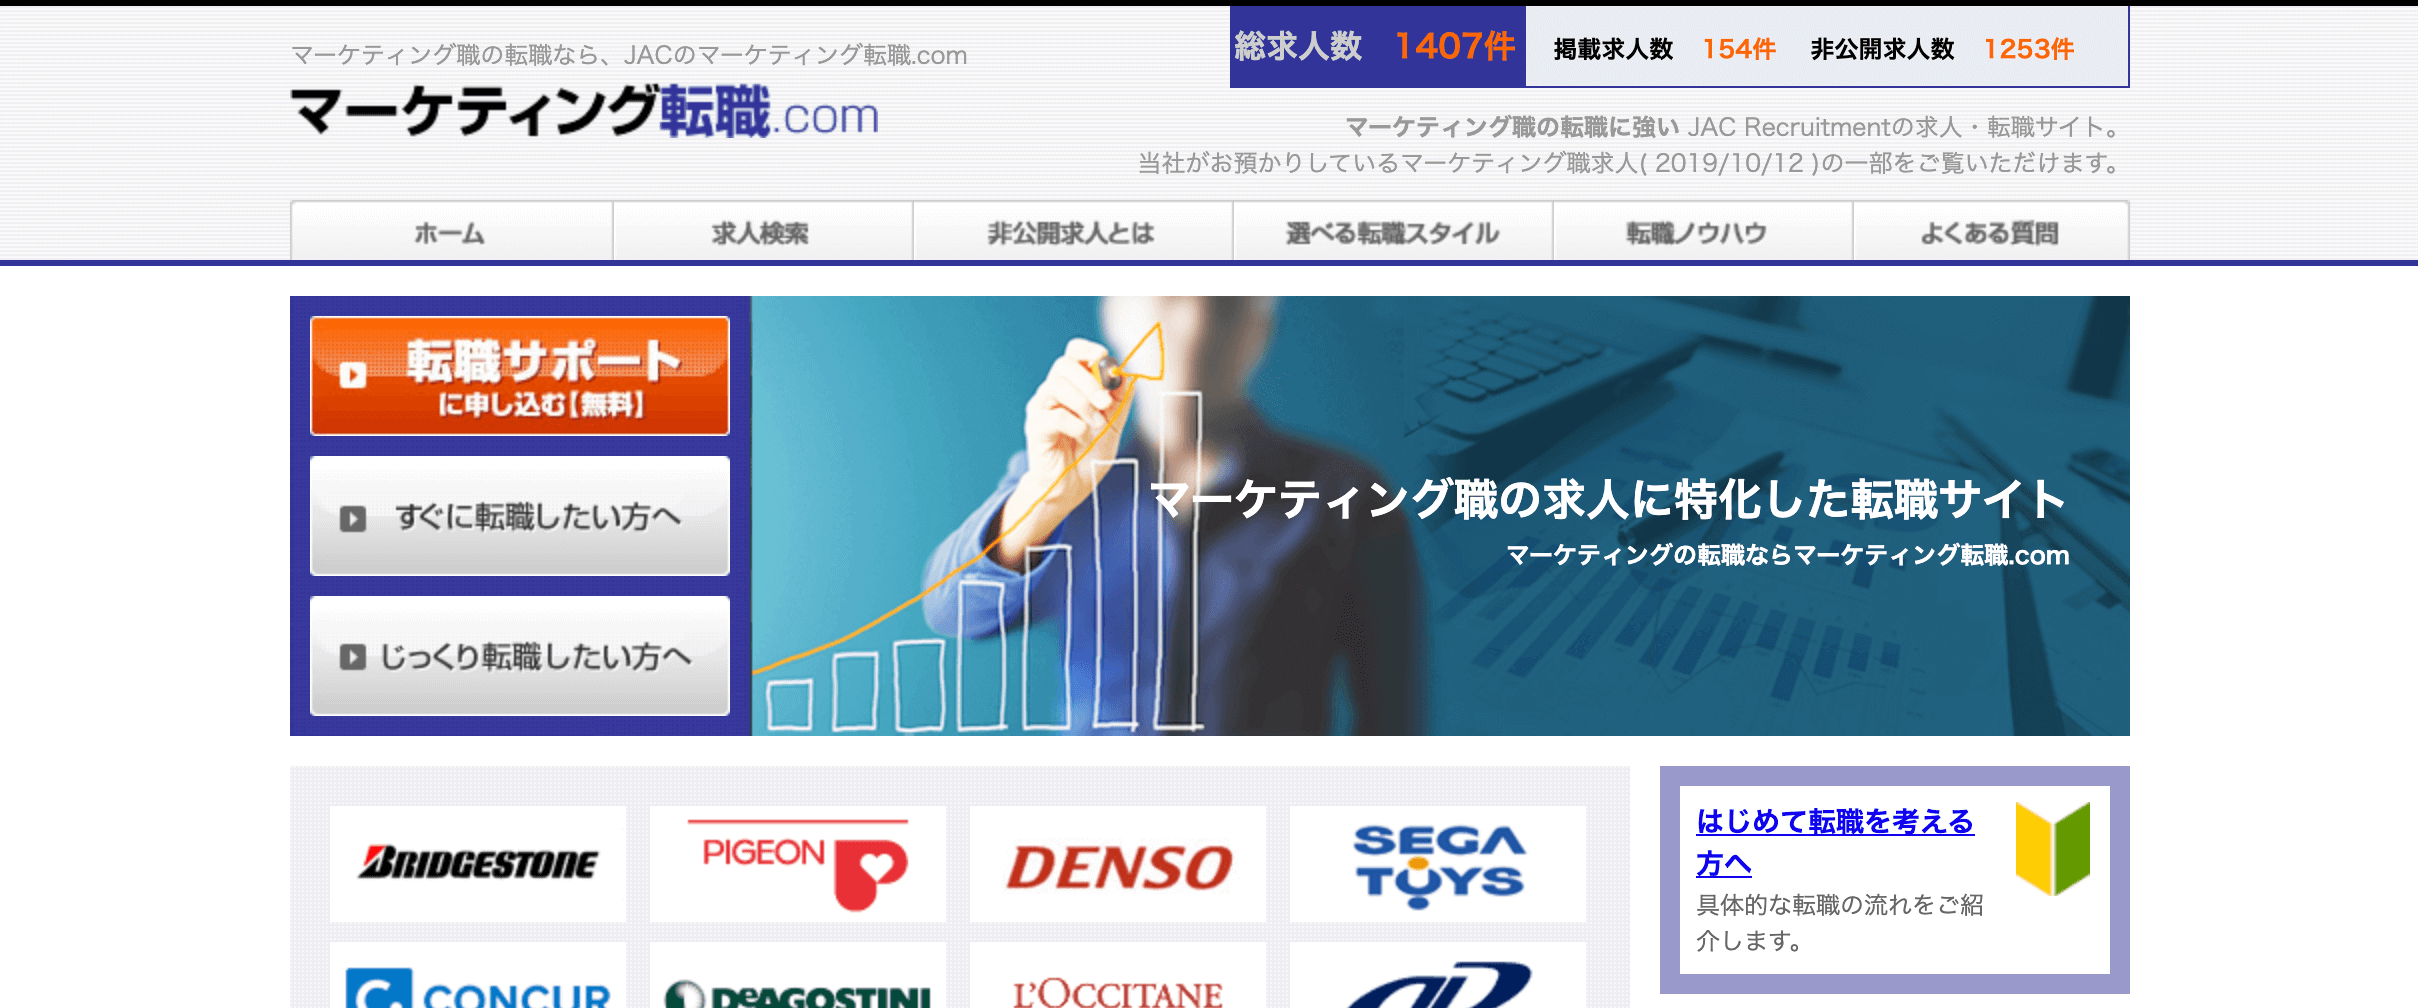 マーケティング転職.comの画像